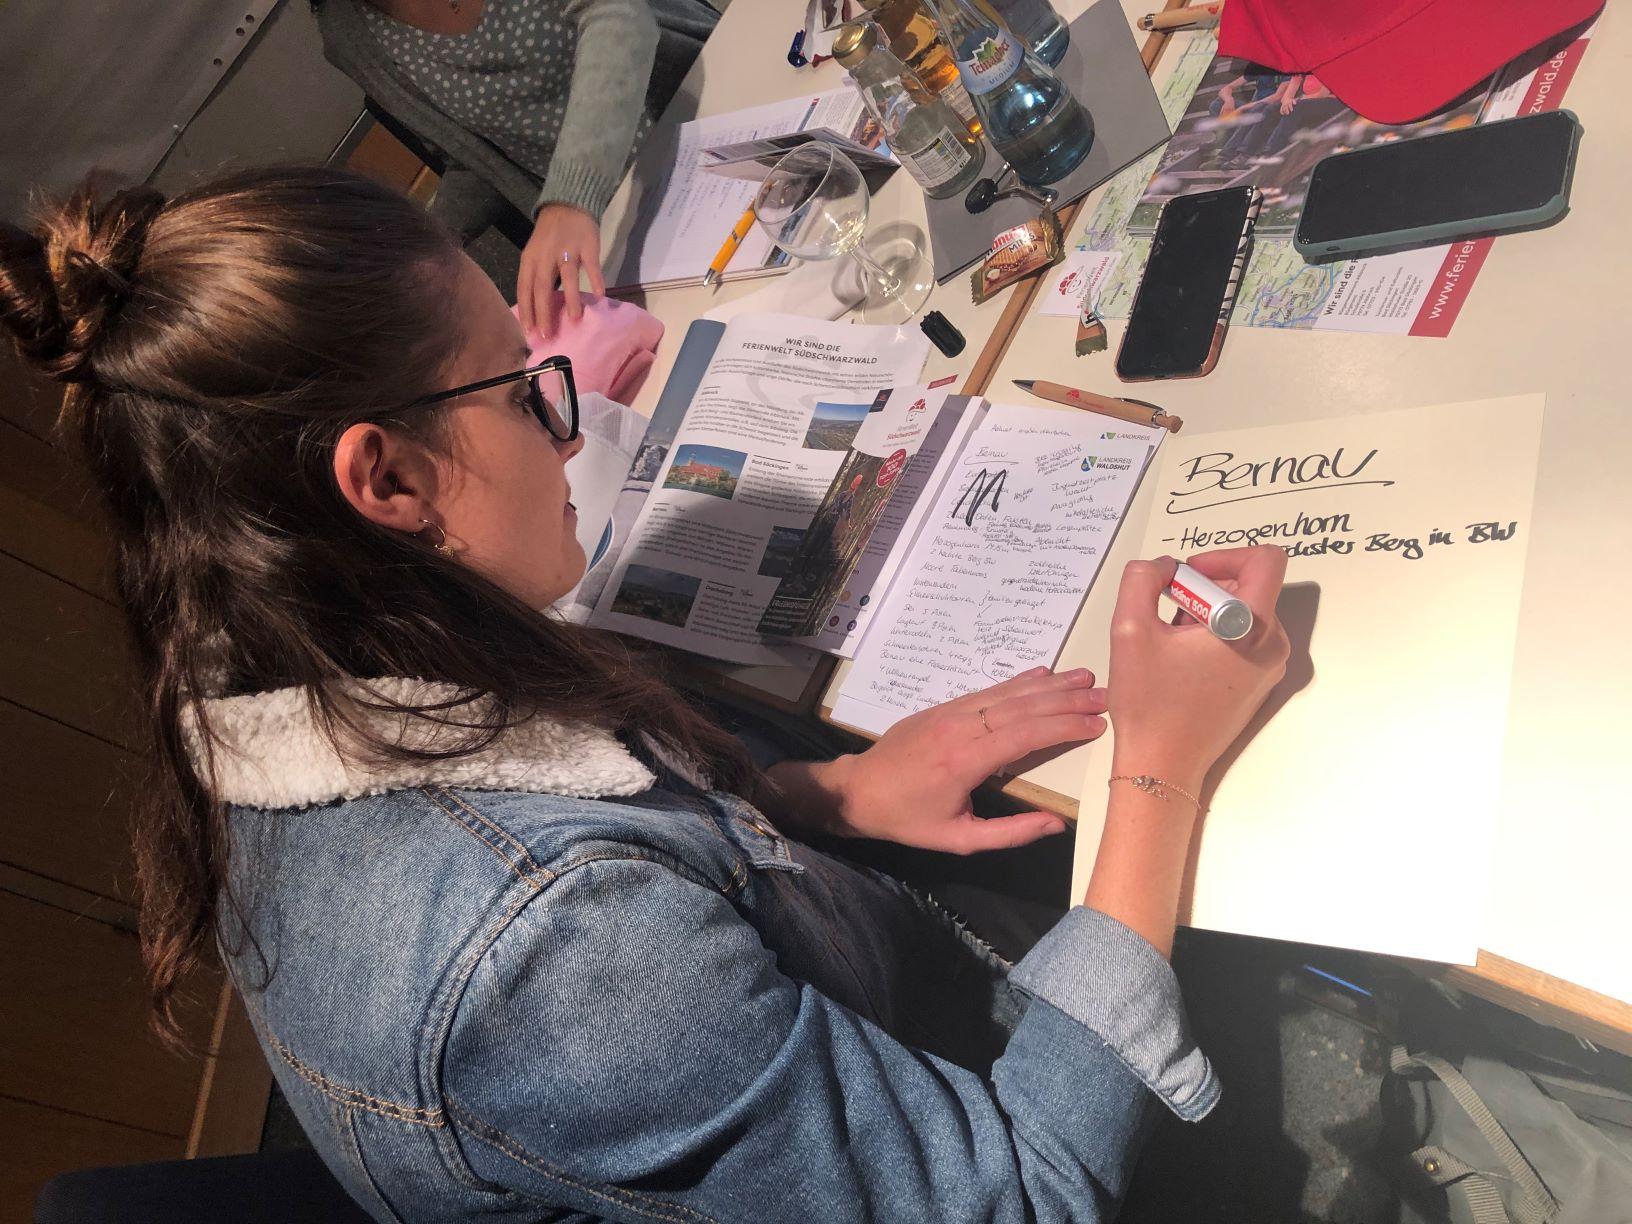 FerienWelt Carina beim notieren von Ideen